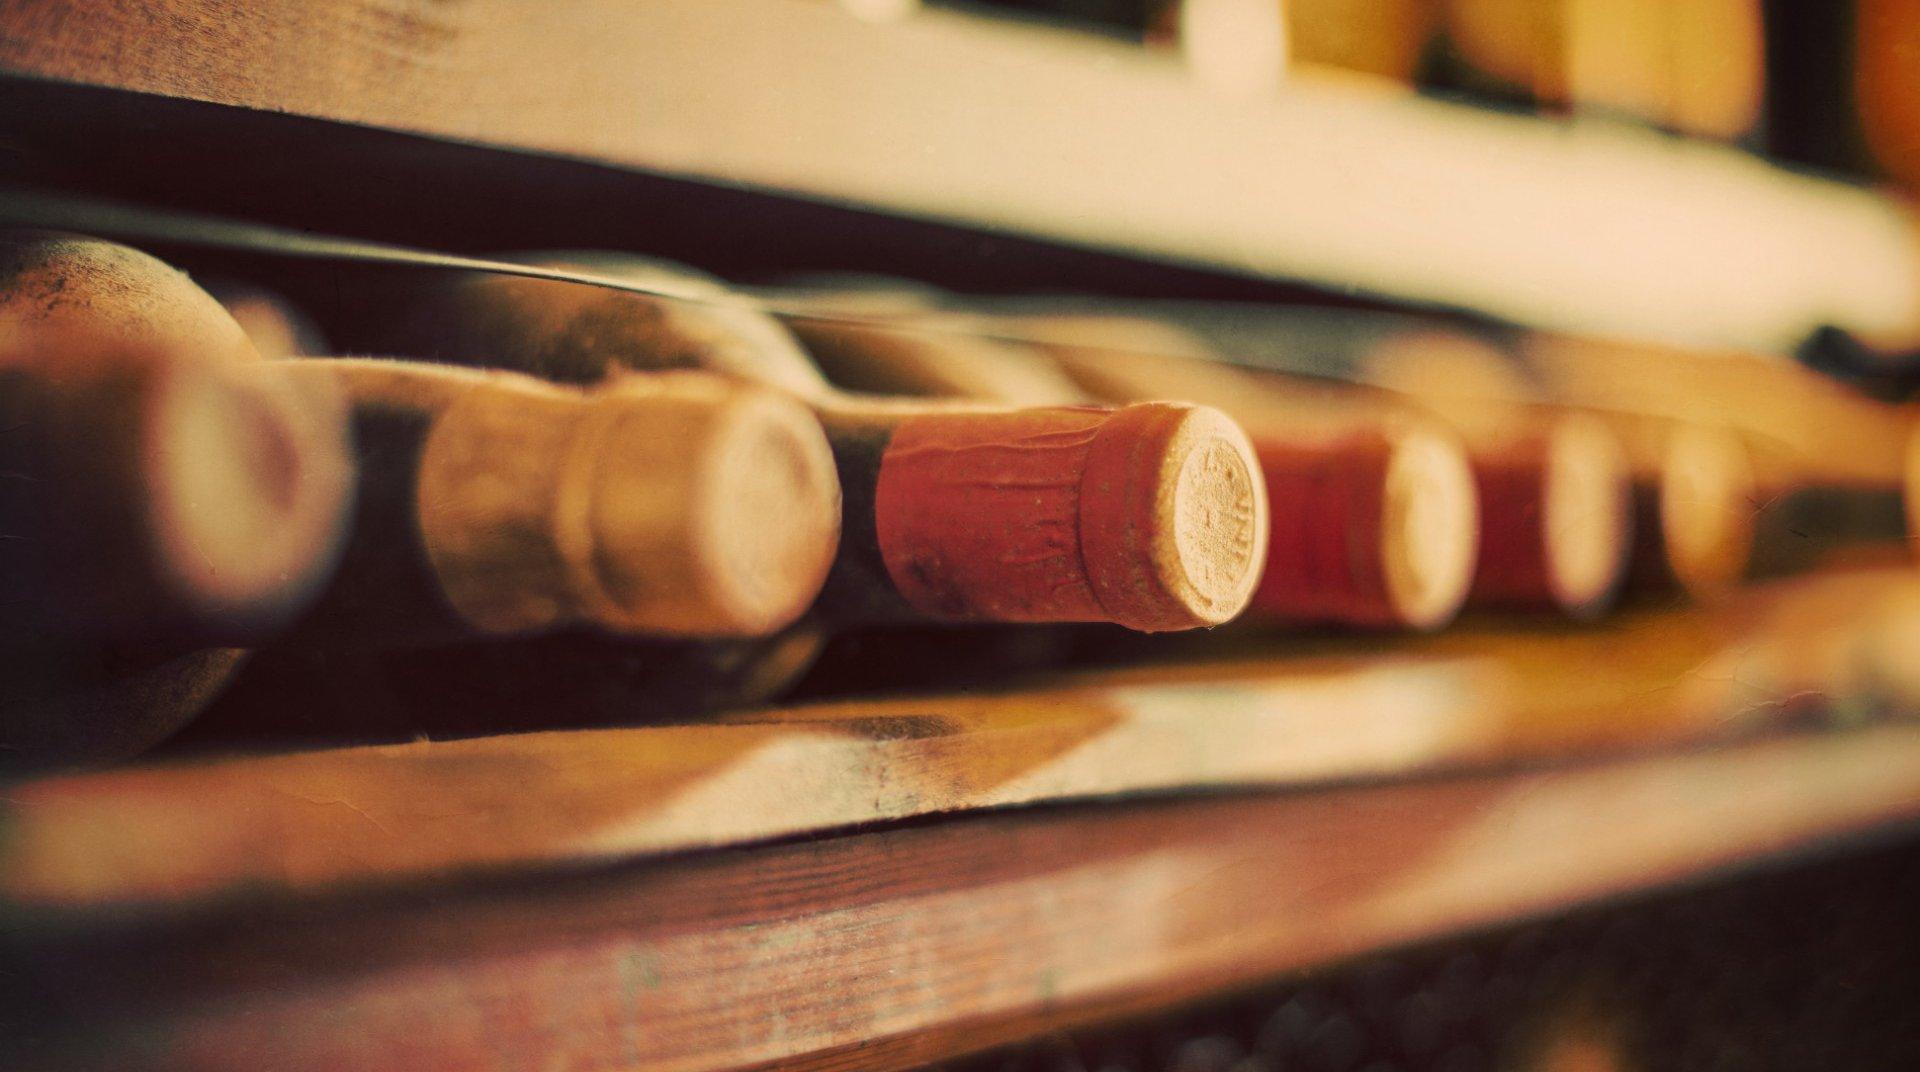 Bottles of wine on a wooden shelf